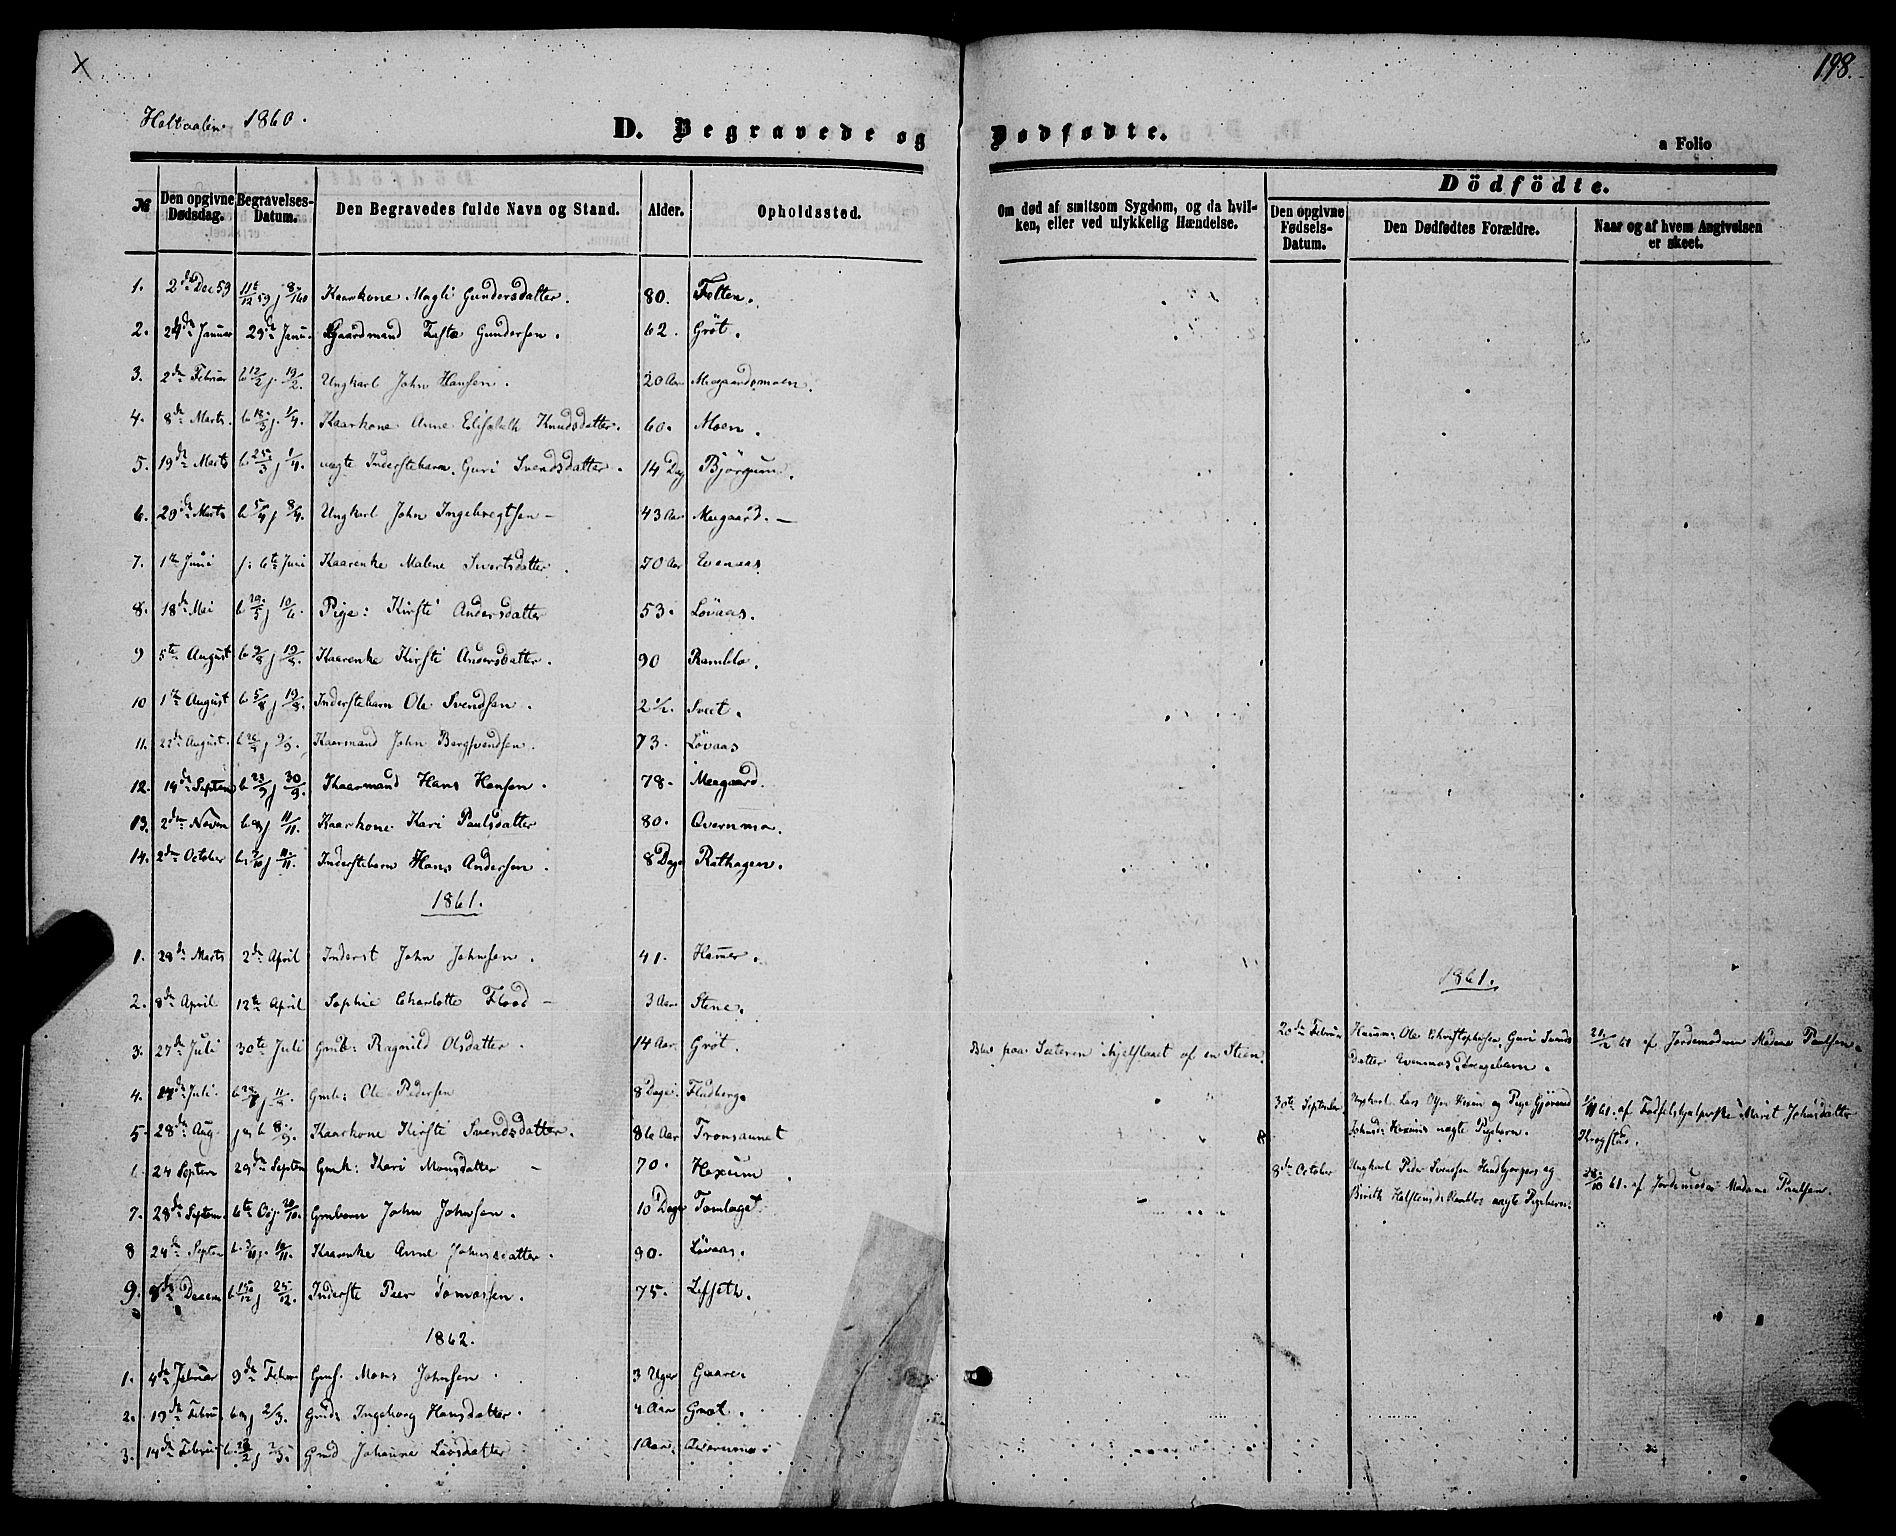 SAT, Ministerialprotokoller, klokkerbøker og fødselsregistre - Sør-Trøndelag, 685/L0966: Ministerialbok nr. 685A07 /1, 1860-1869, s. 198